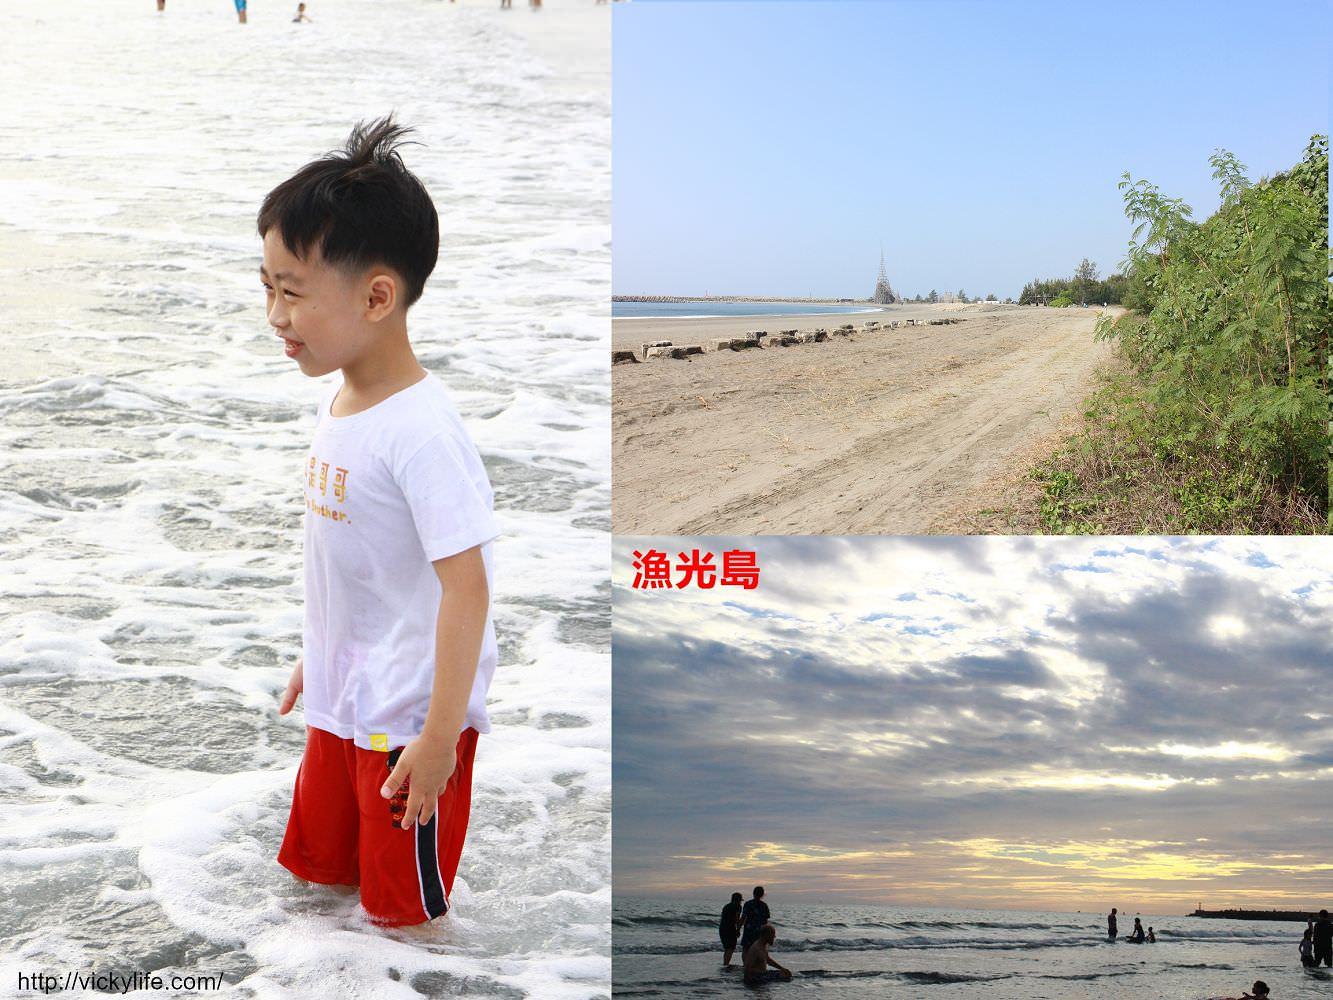 台南親子景點︱安平漁光島:踏浪、戲水、賞景,身心靈獲得大大滿足